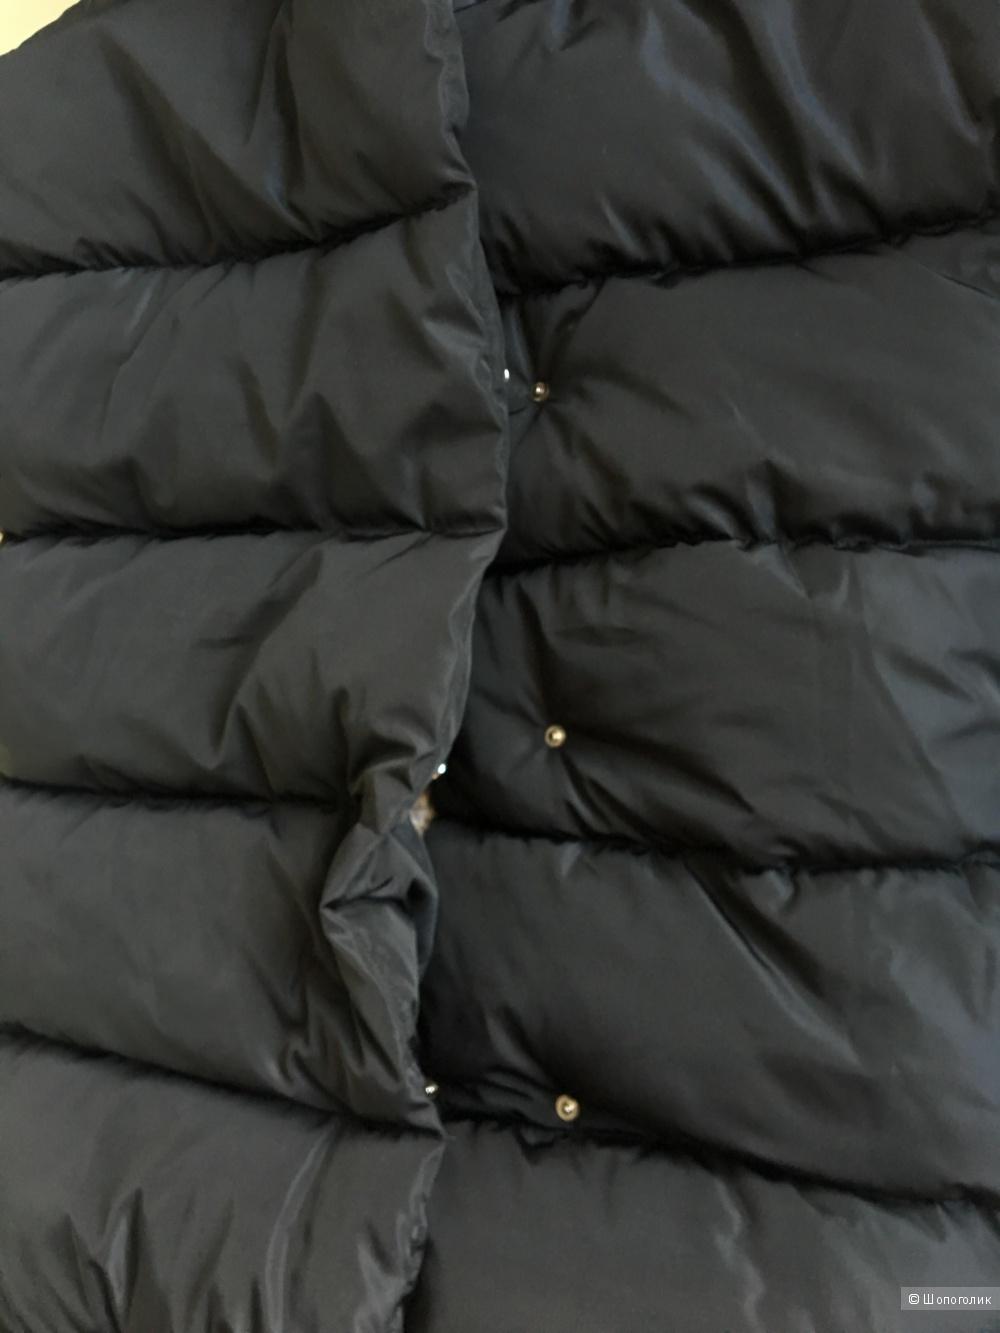 Пуховик одеяло Zefir Black, M